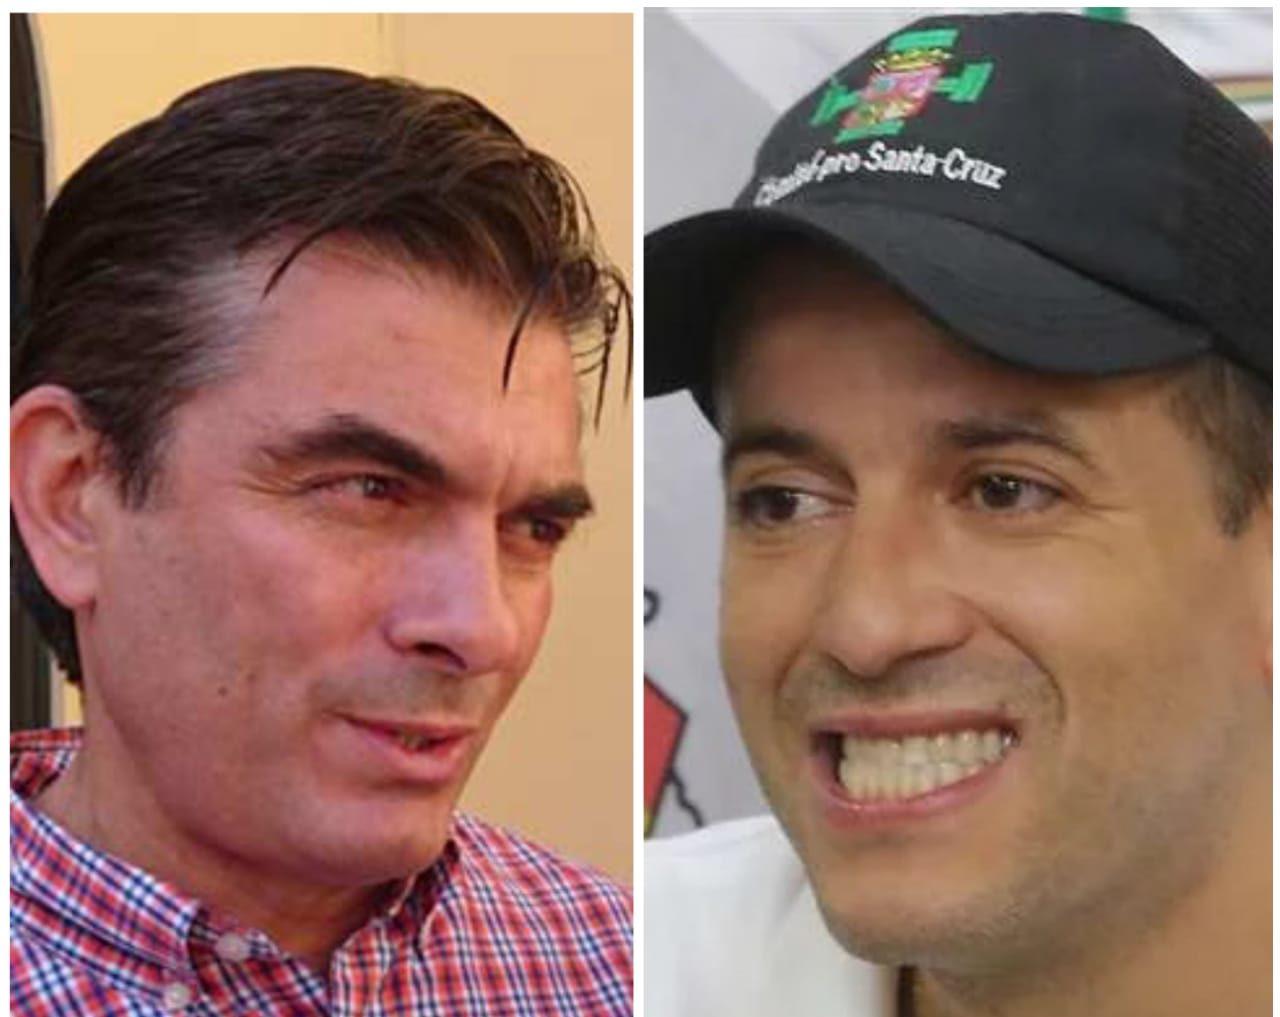 Primero la Gente de Rodrigo Paz firma acuerdo con Camacho de cara a las elecciones